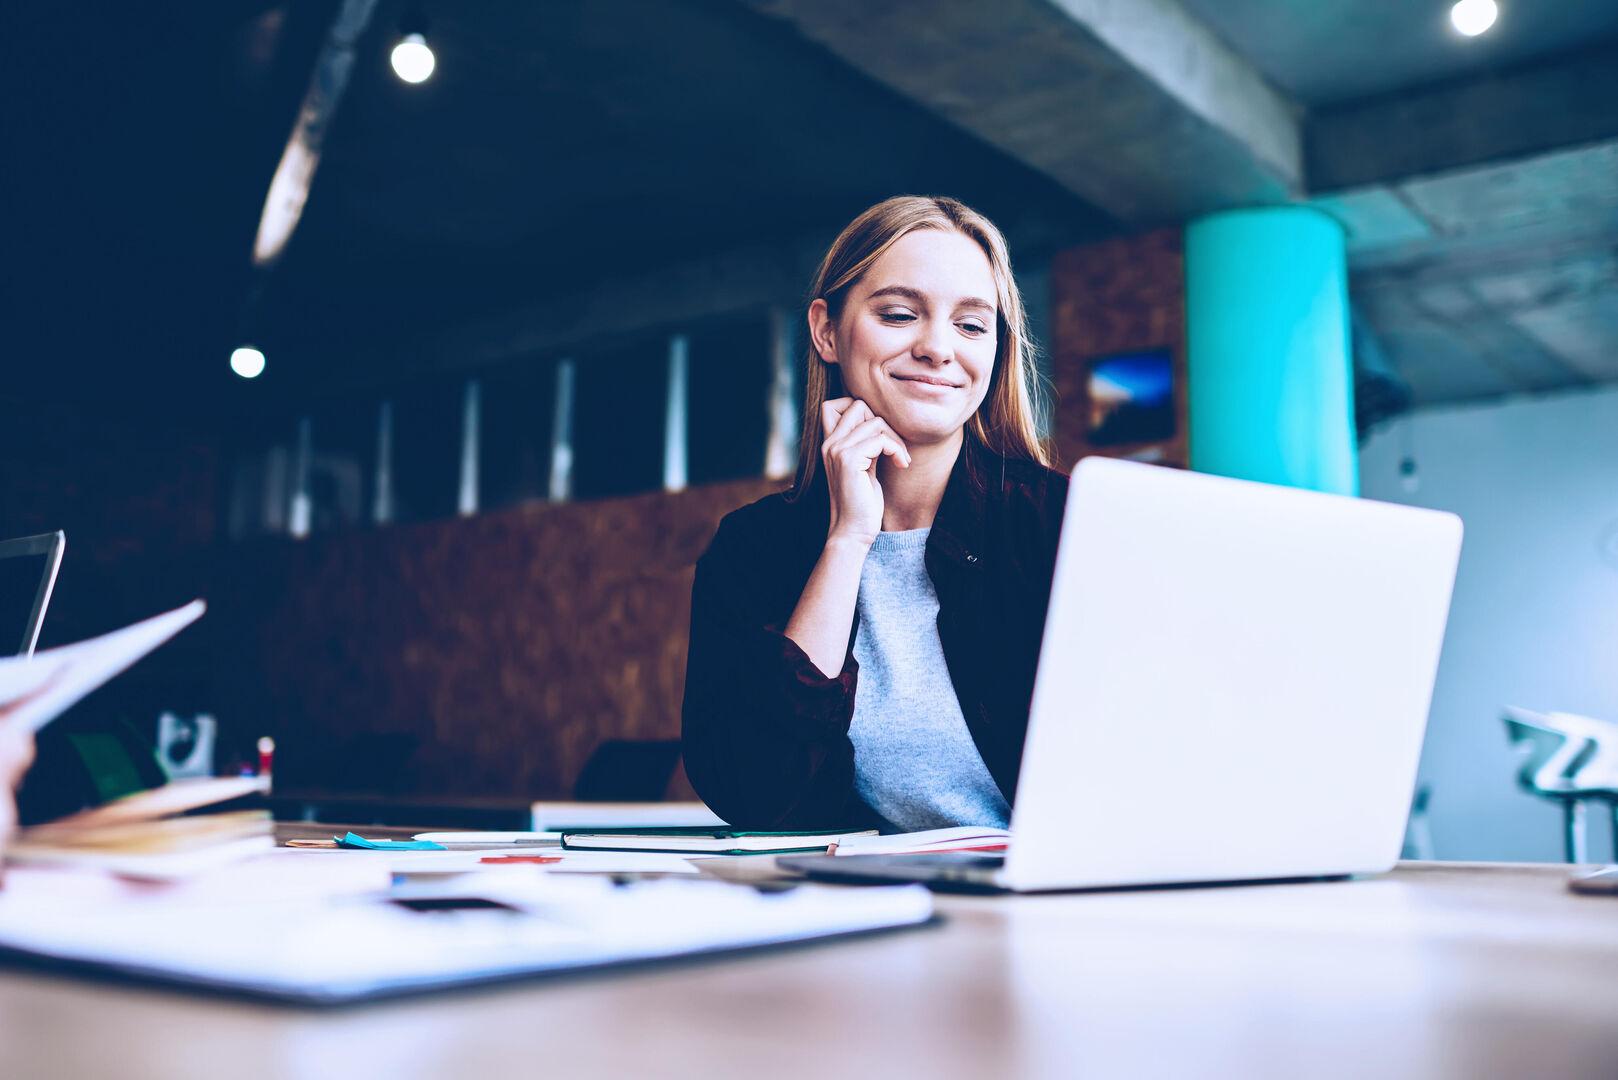 Advies voor de beste verzekering voor werknemers bij Van Luin